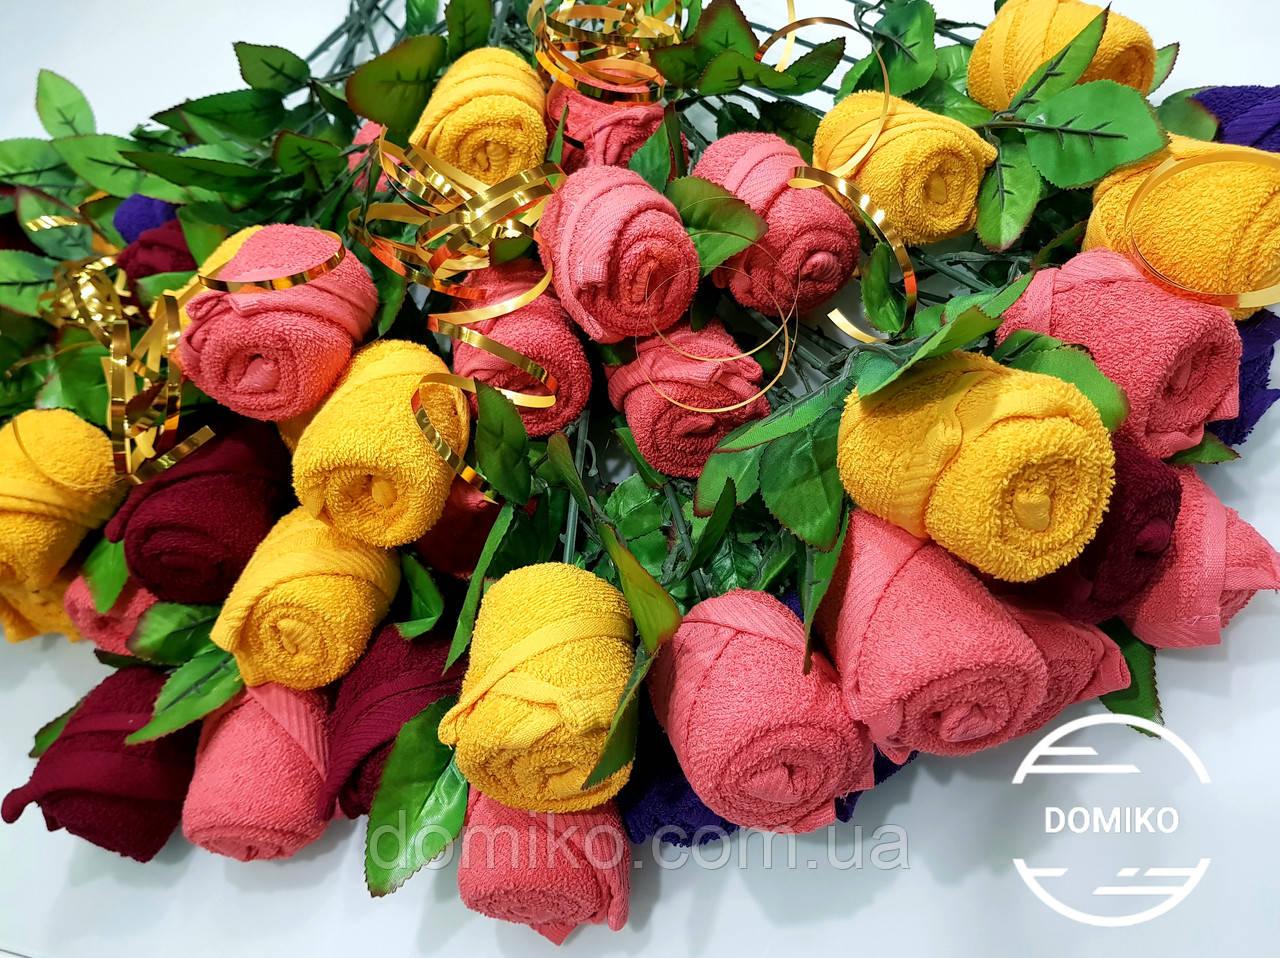 Розы из махровых салфеток кухонных